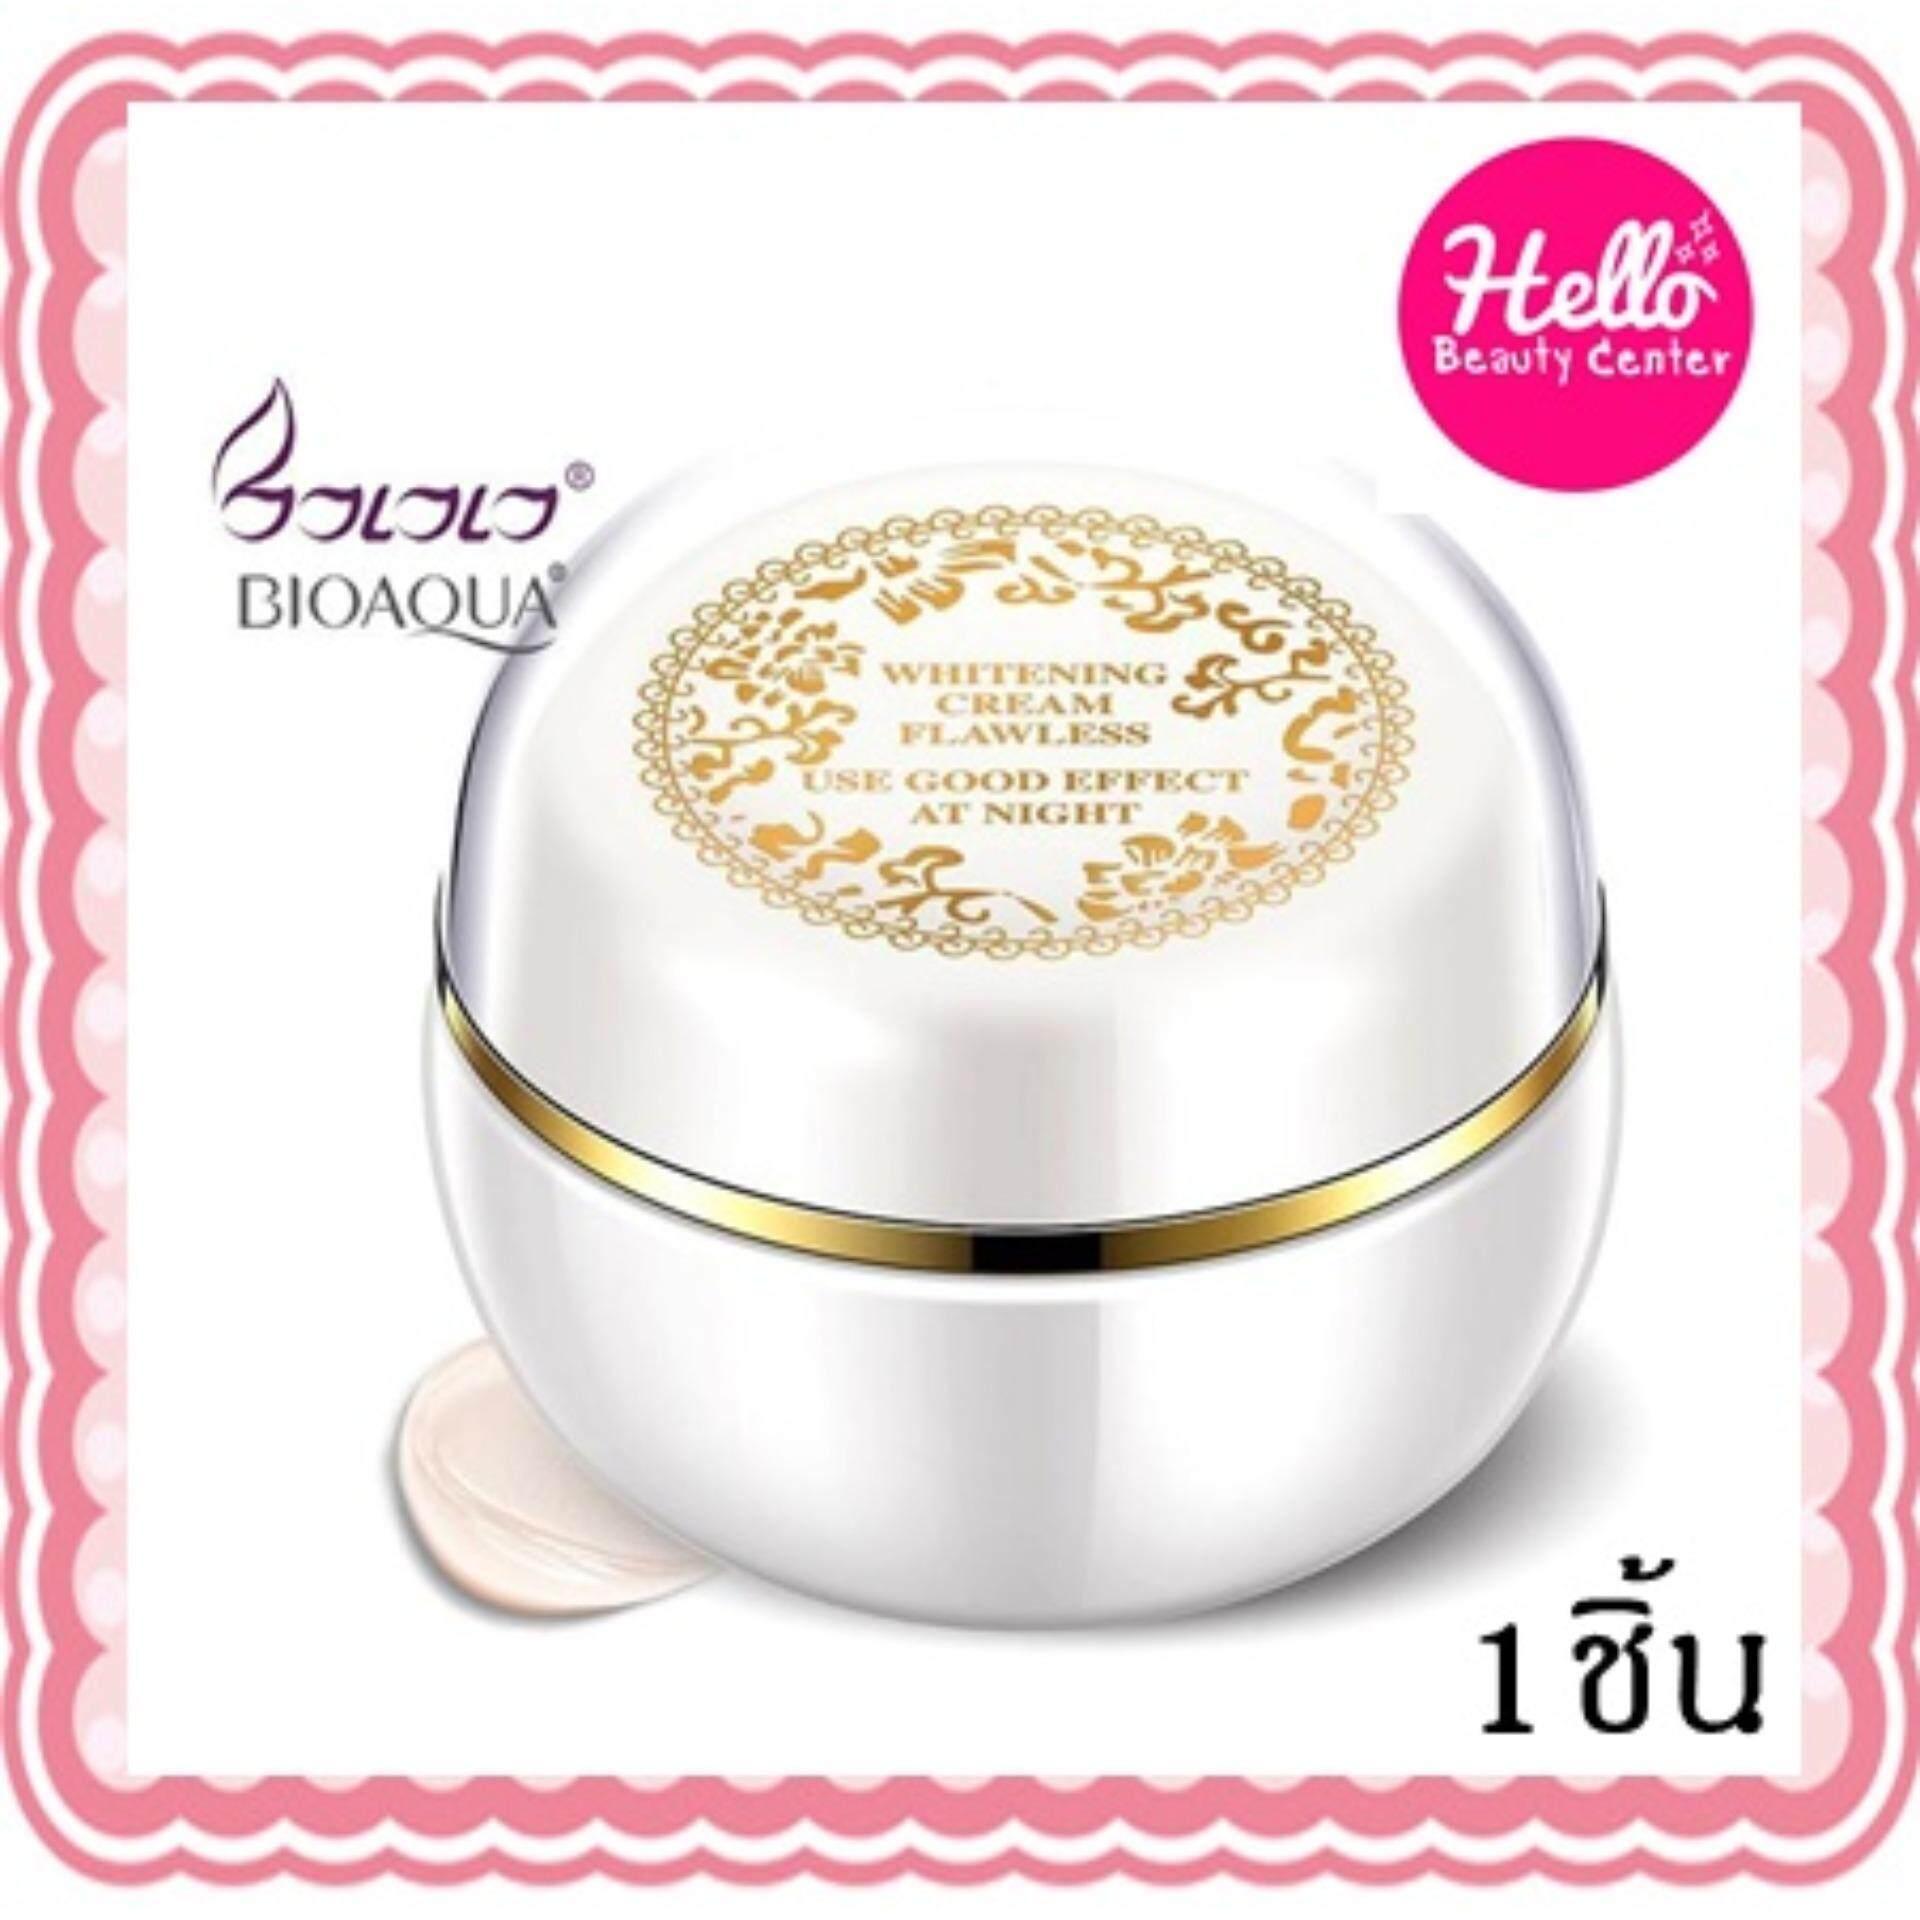 (ของแท้/พร้อมส่งกดเลย) Bioaqua ครีมไข่มุก หน้าใส แก้ทุกปัญหาผิว Bioaqua Lady Cream Magic Glow Freckle Removal Whitening Cream 30g 1 ชิ้น By Hellobeautycenter.